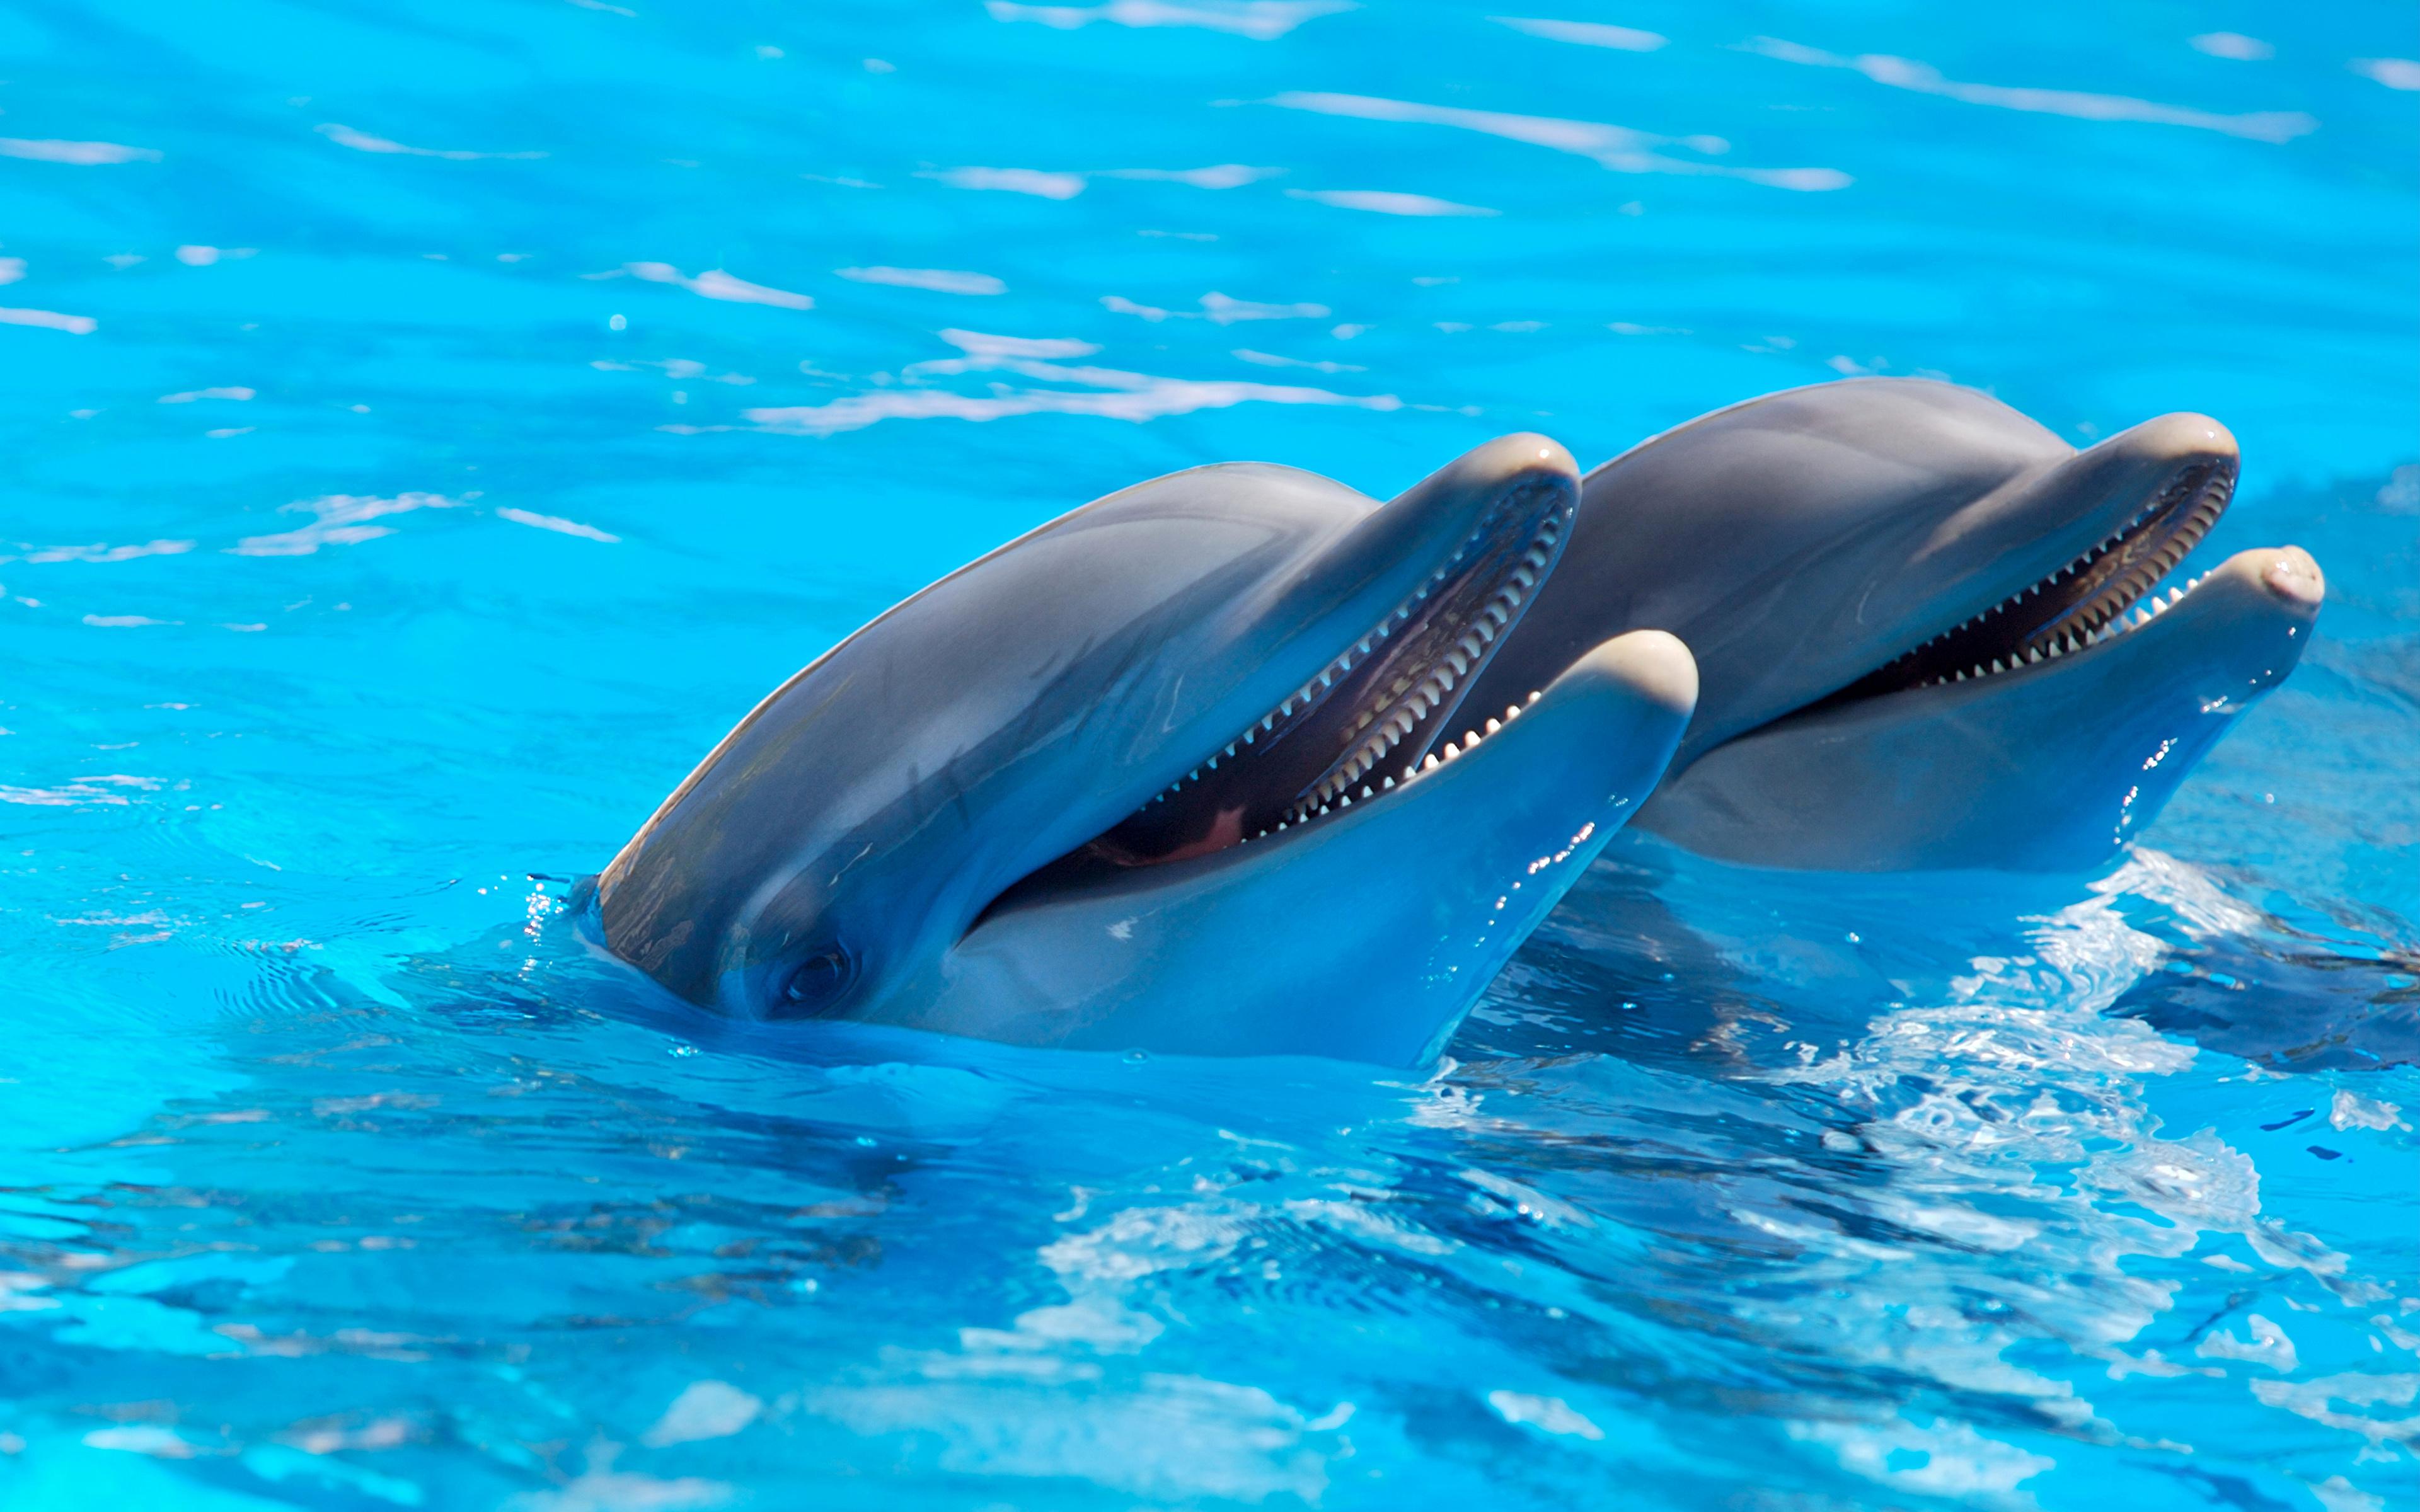 Обои для рабочего стола 1280х1024 высокого качества дельфины